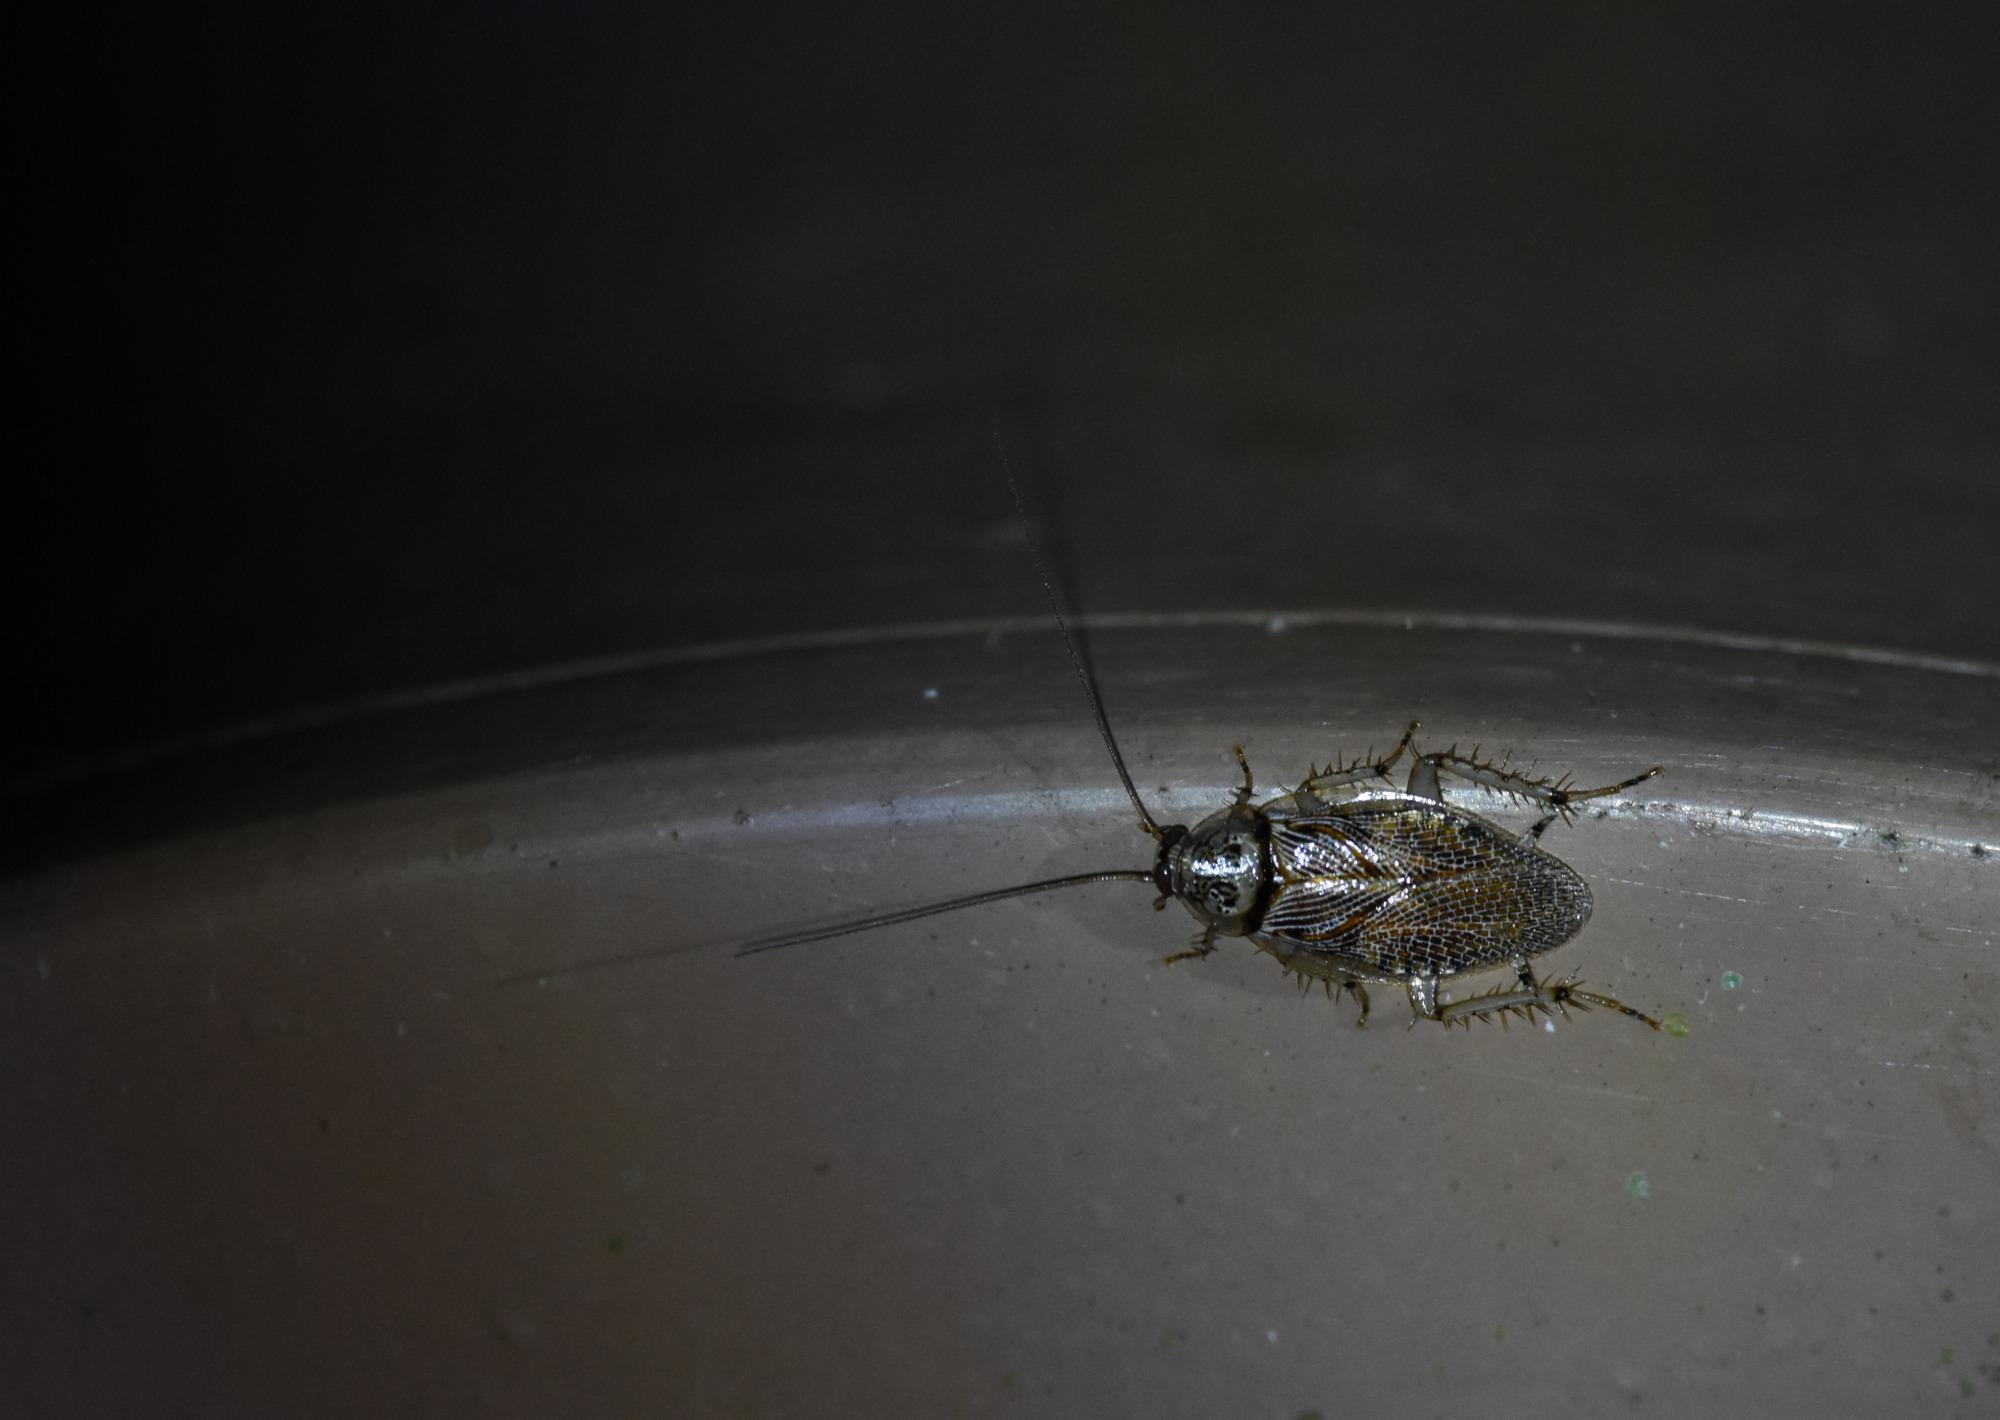 アミメヒラタゴキブリ